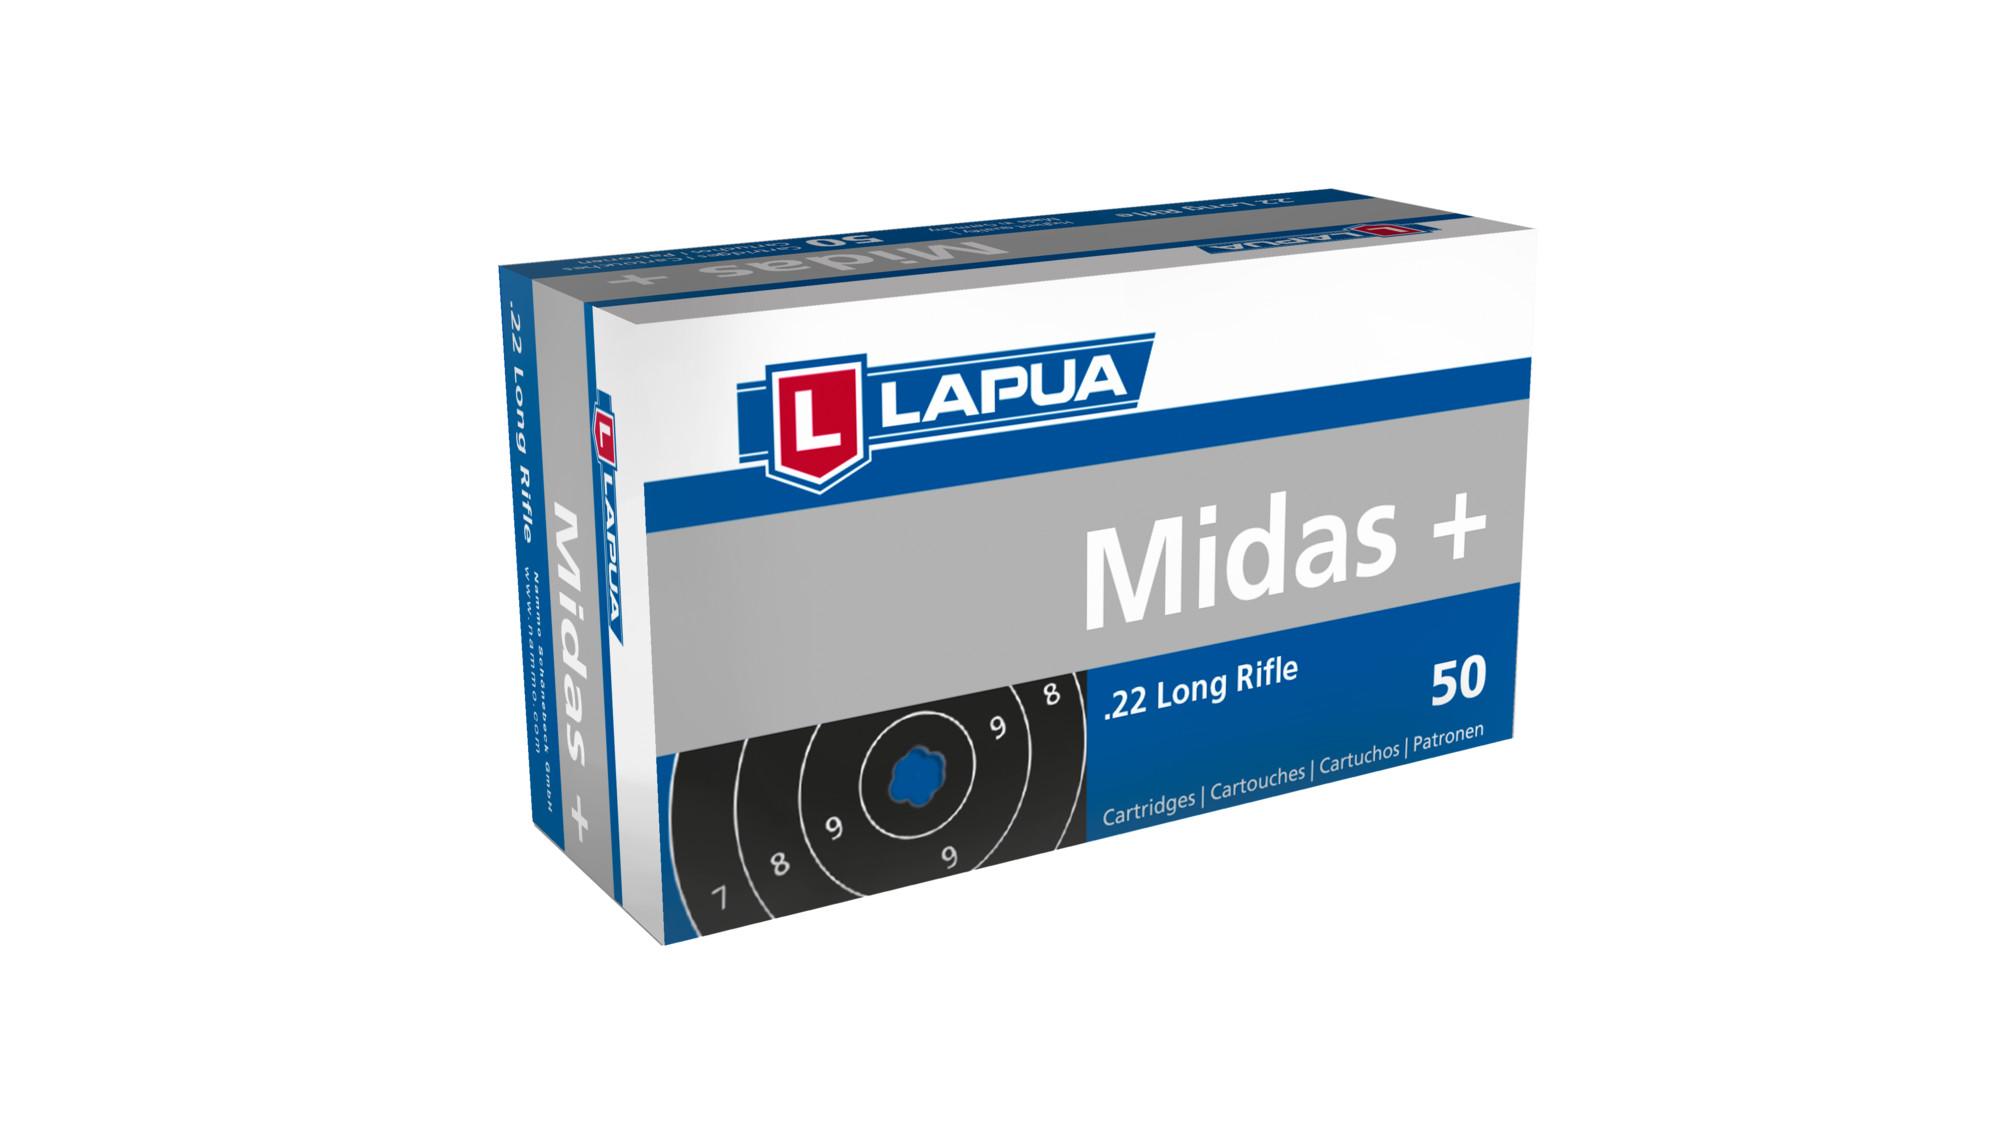 Lapua Midas+ .22 lr patruuna  50kpl /rasia